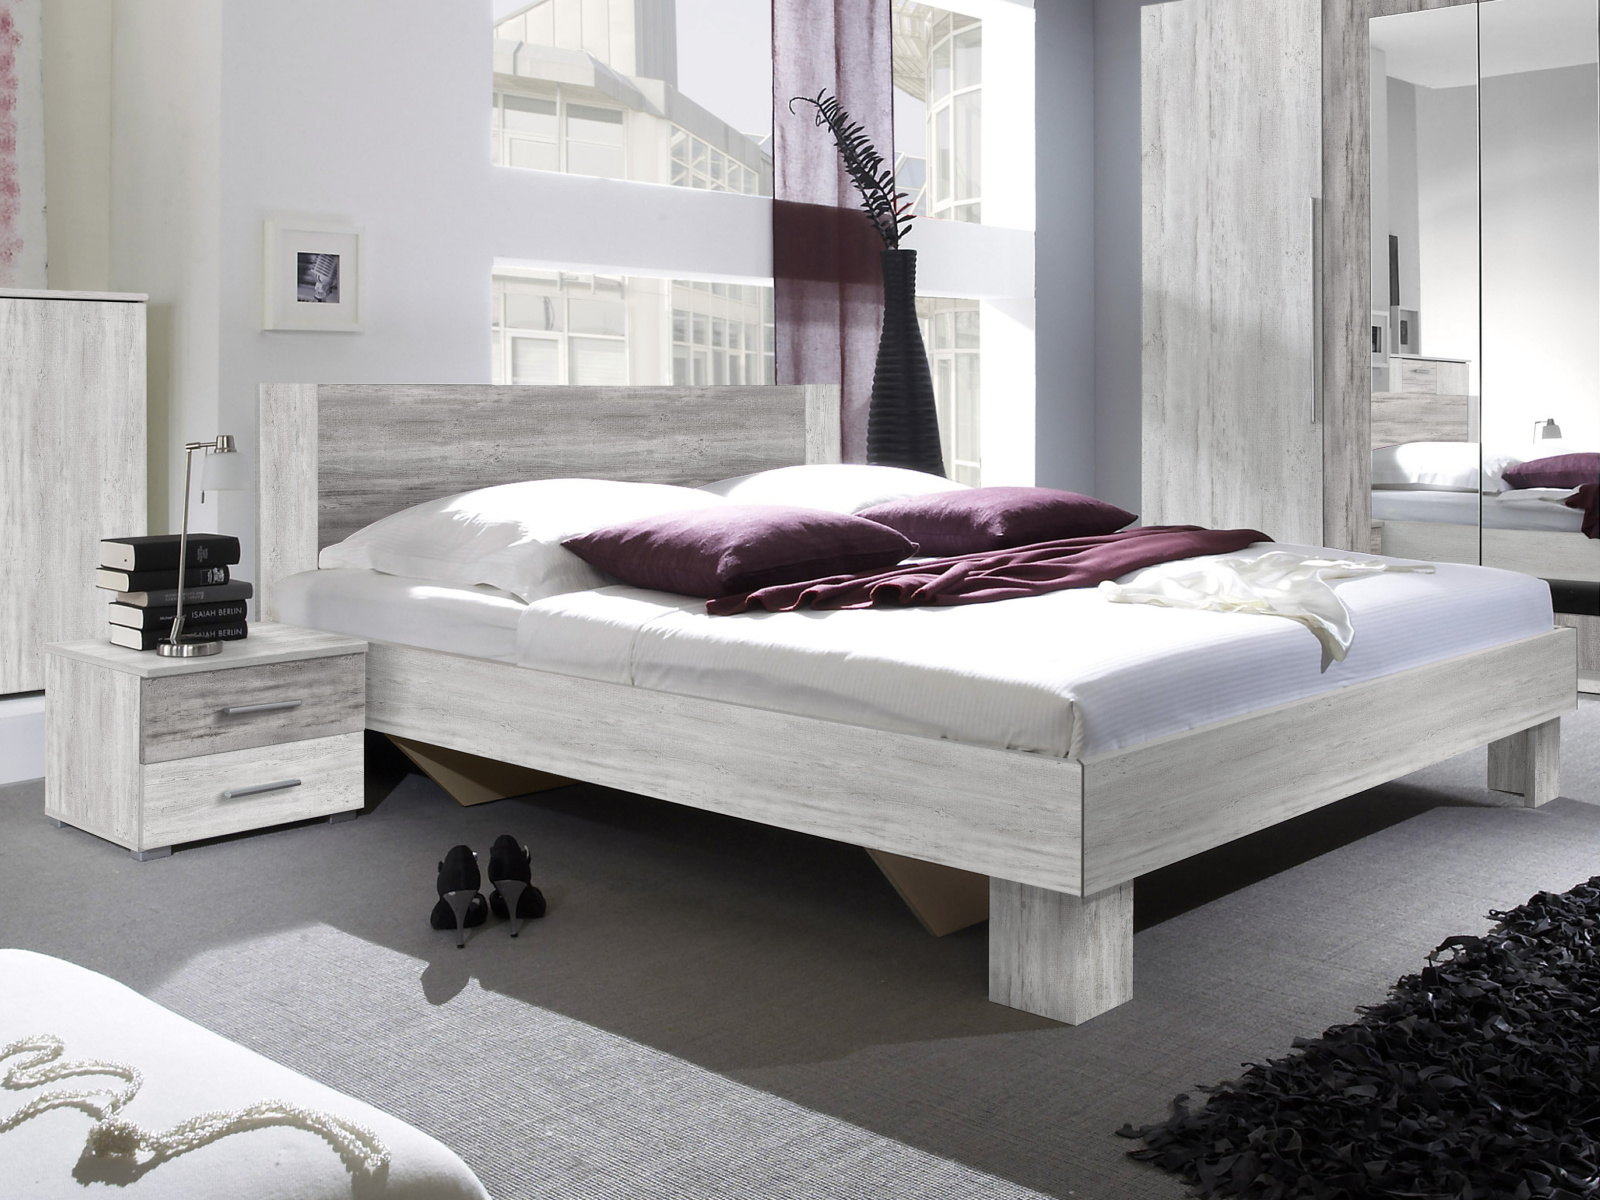 WILDER postel 180x200 cm s nočními stolky, borovice canyon světlá/borovice canyon tmavá